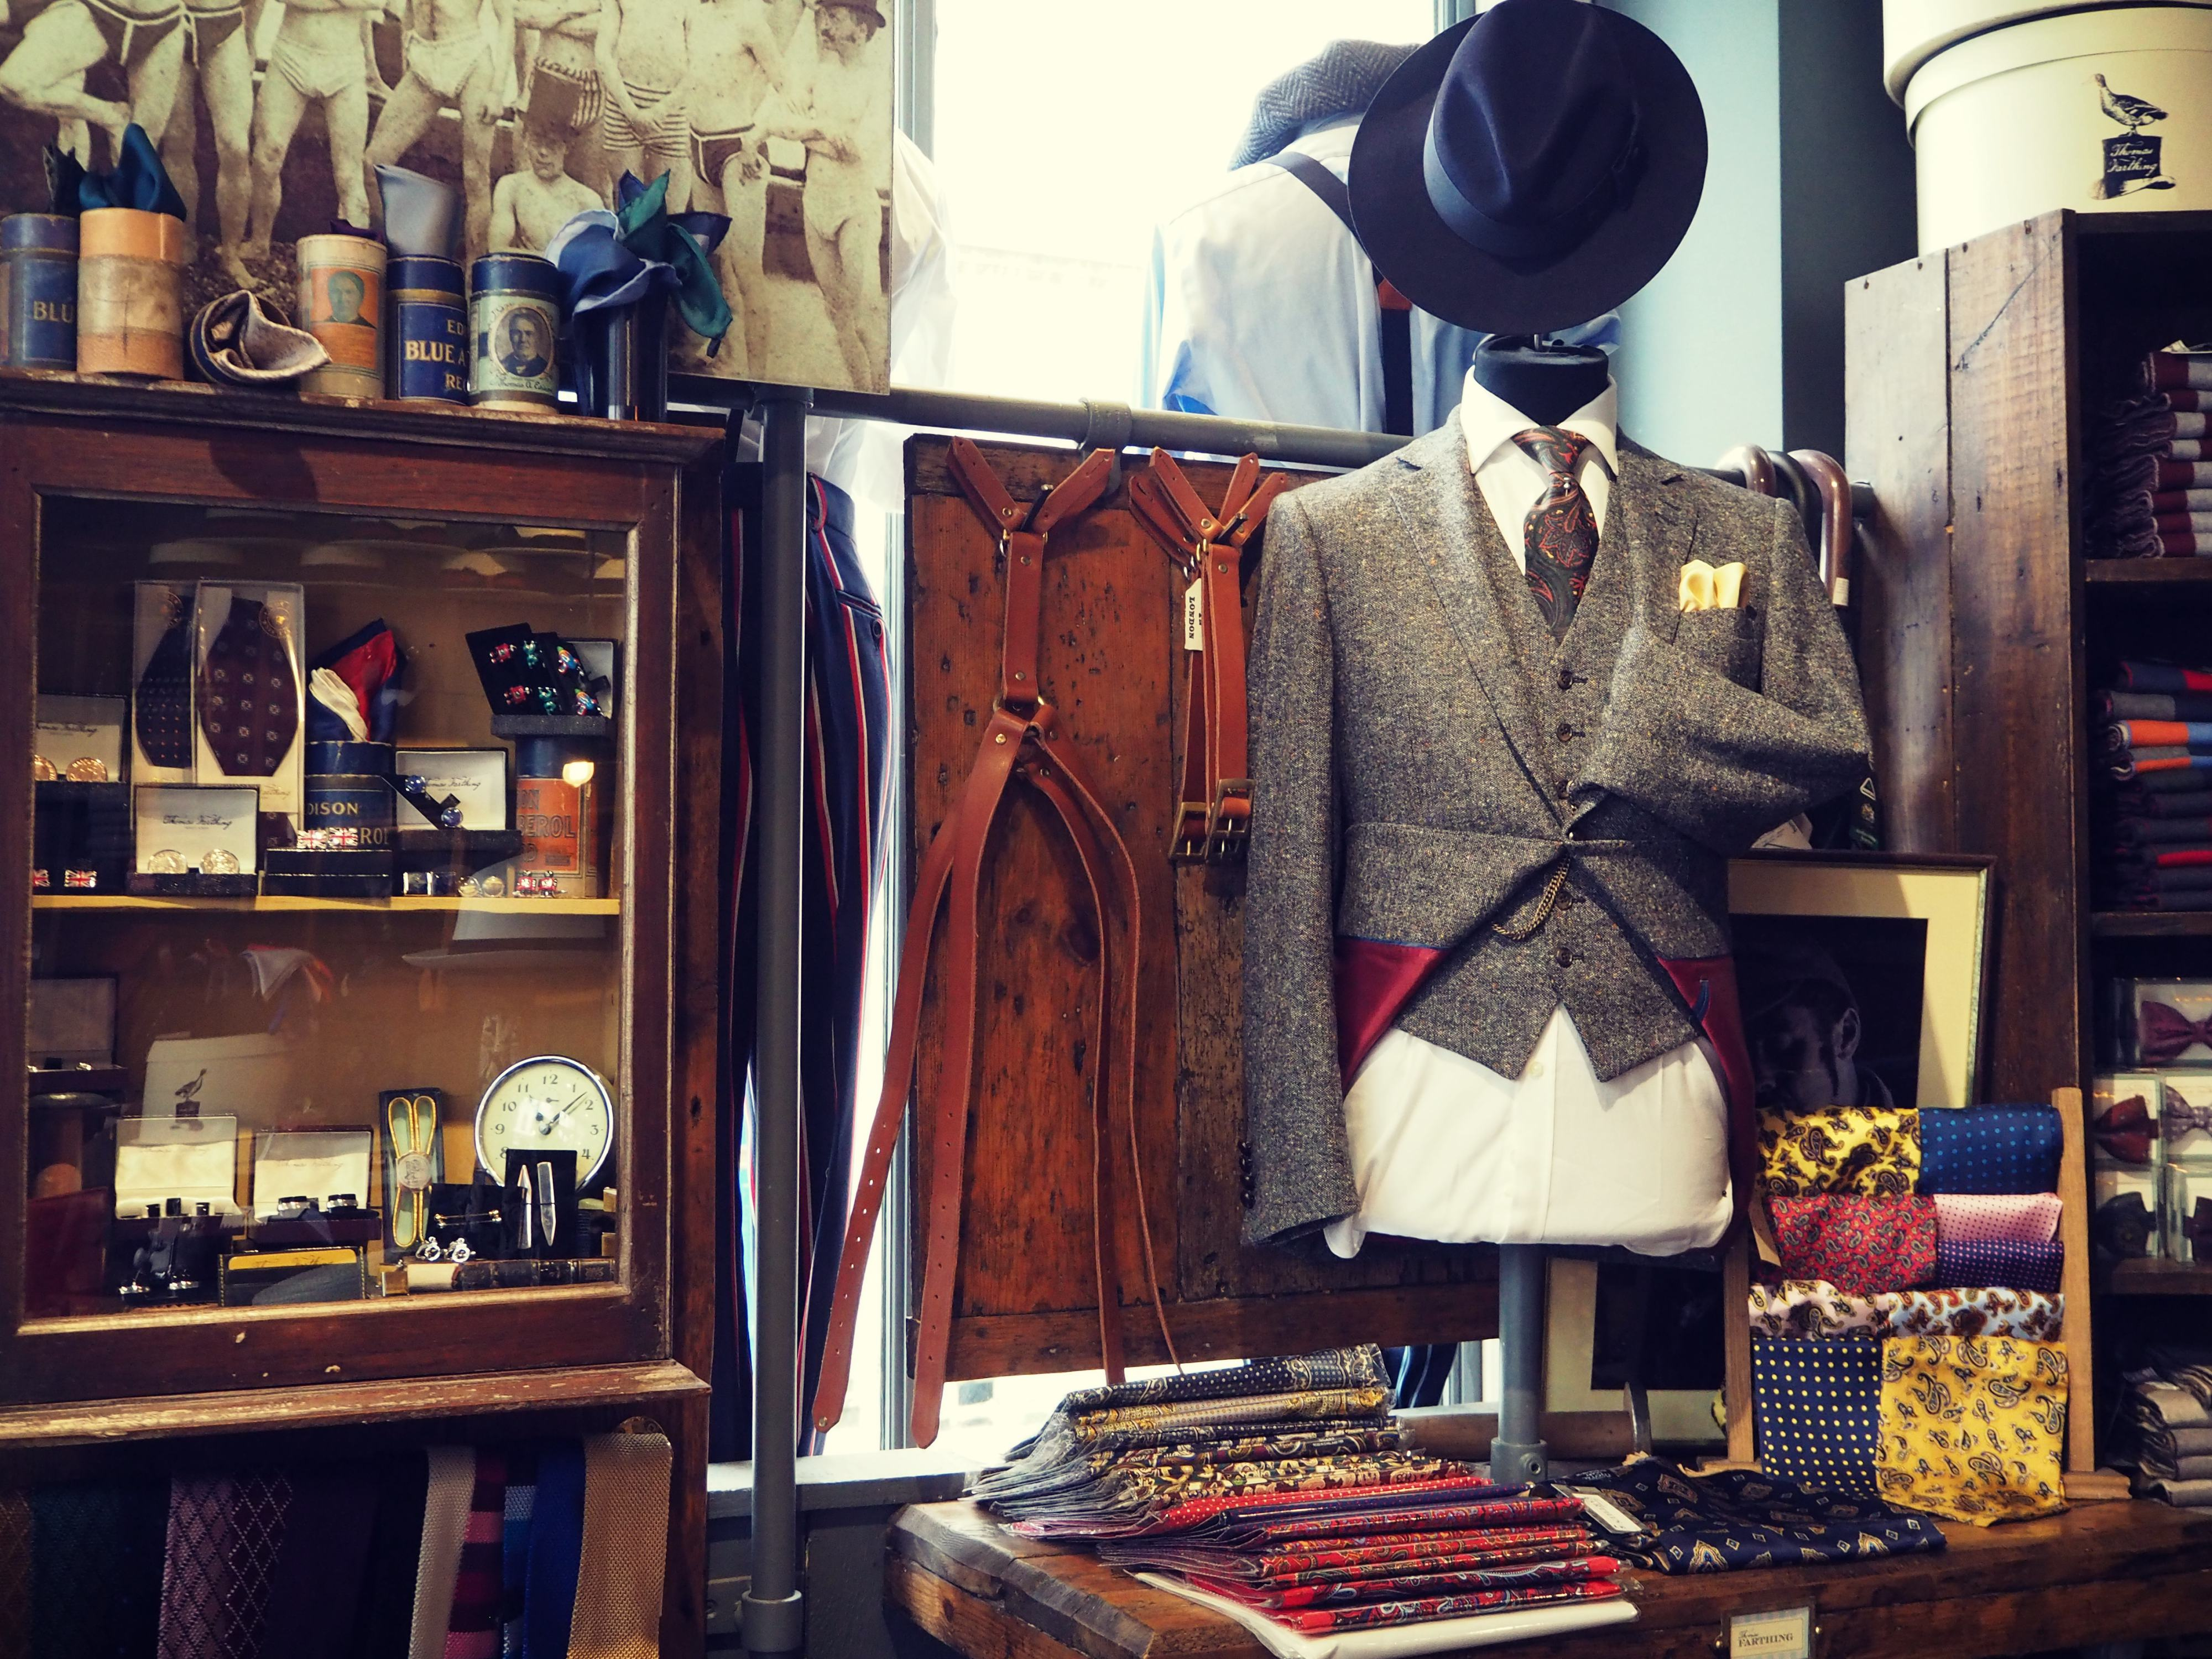 Hier gibt es richtig tolle Outfits für den modernen Mann von heute.